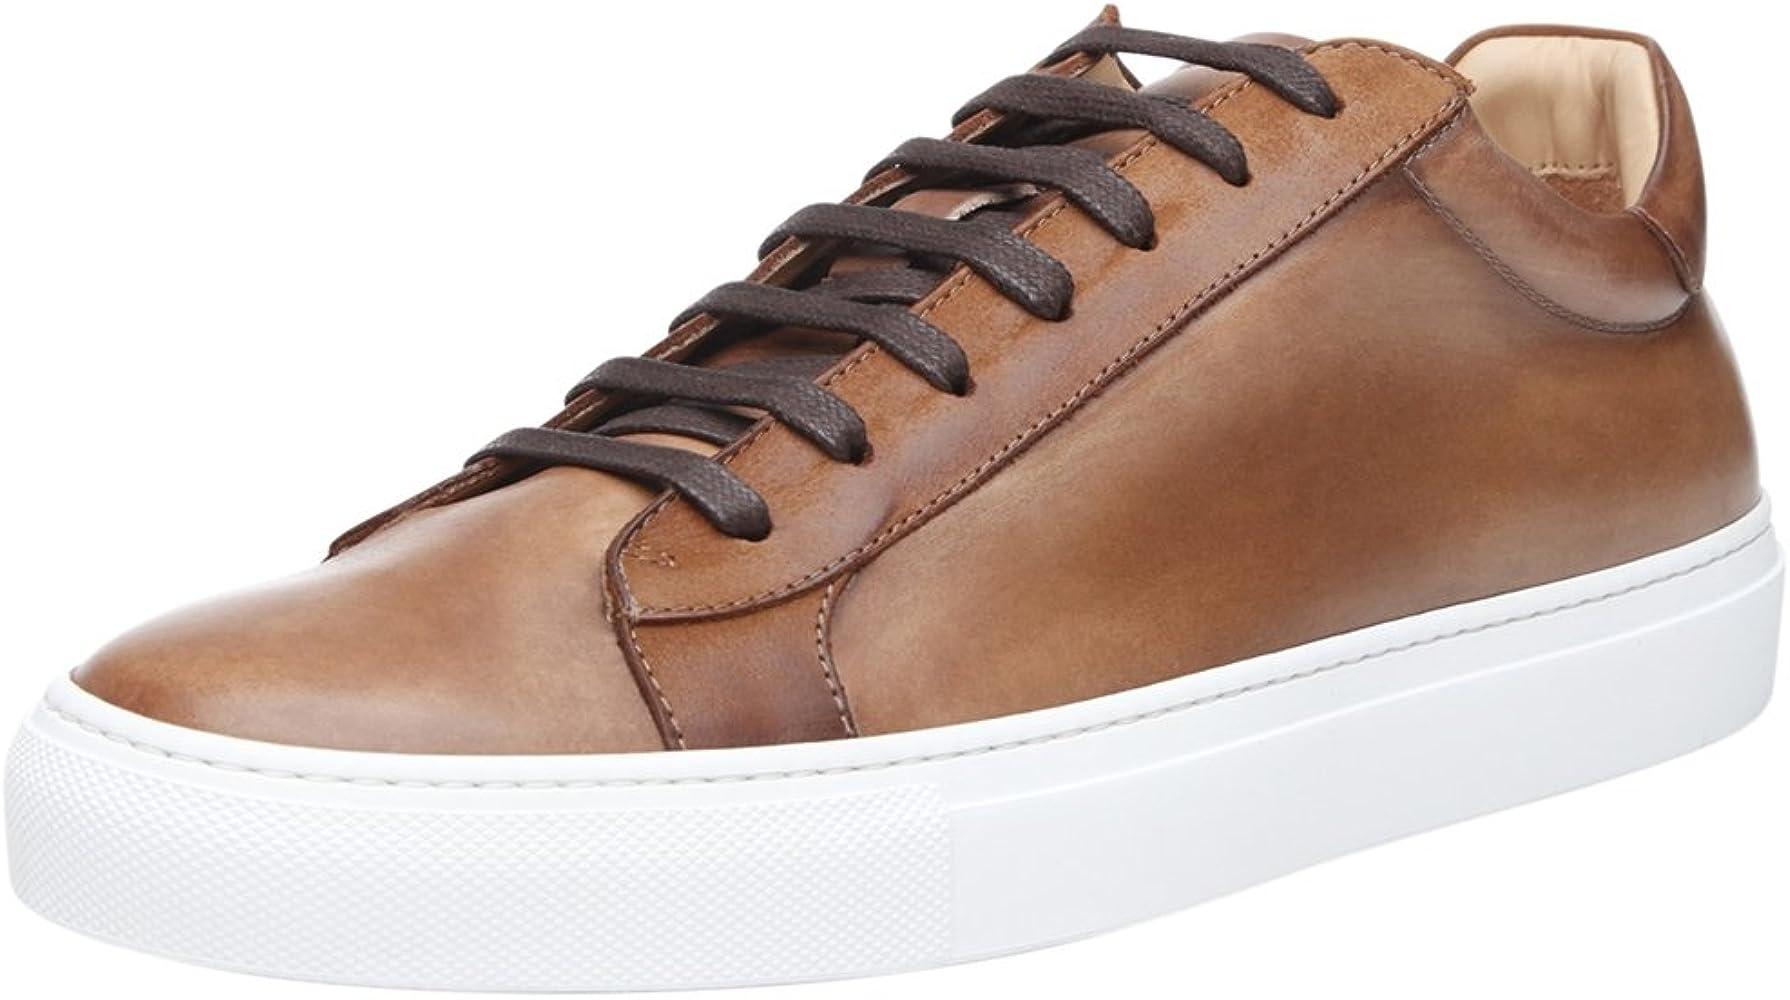 Muni Ms No51 Shoepassion Homme D'une Sneaker Finition Pour b6fy7g